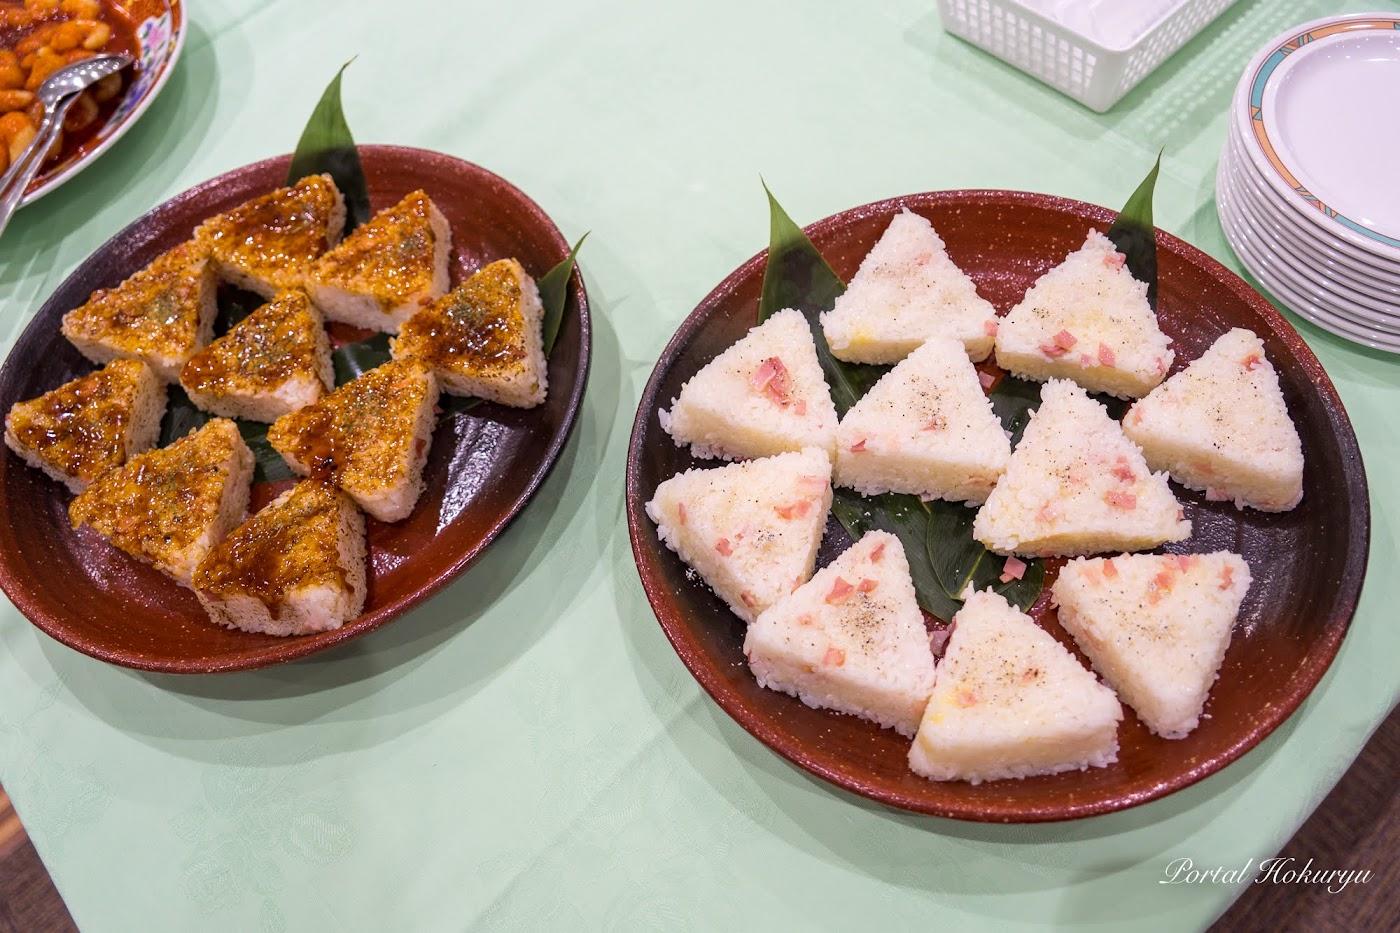 「ベーコンチーズ」金打舞菜 様(右)、「お好みやき風やきおむすび」村上潤成 様(左)